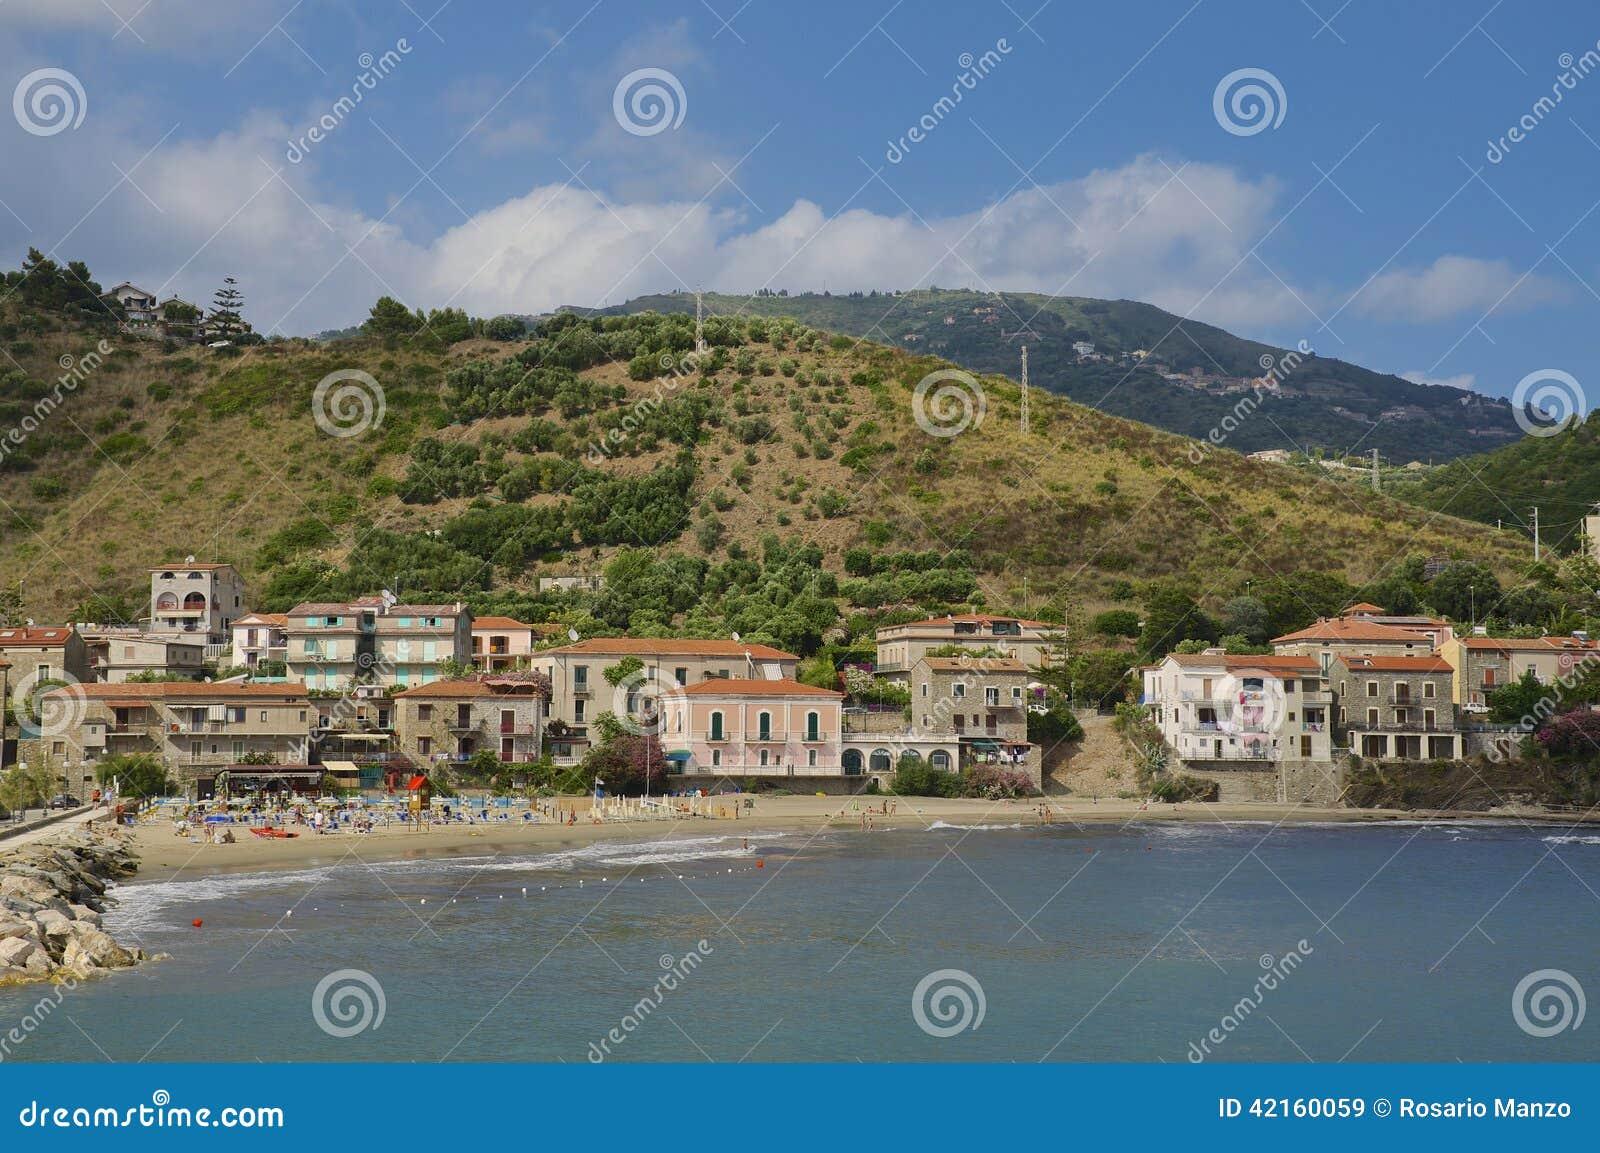 Villaggio di acciaroli italia del sud fotografia stock for Casa di piantagioni del sud